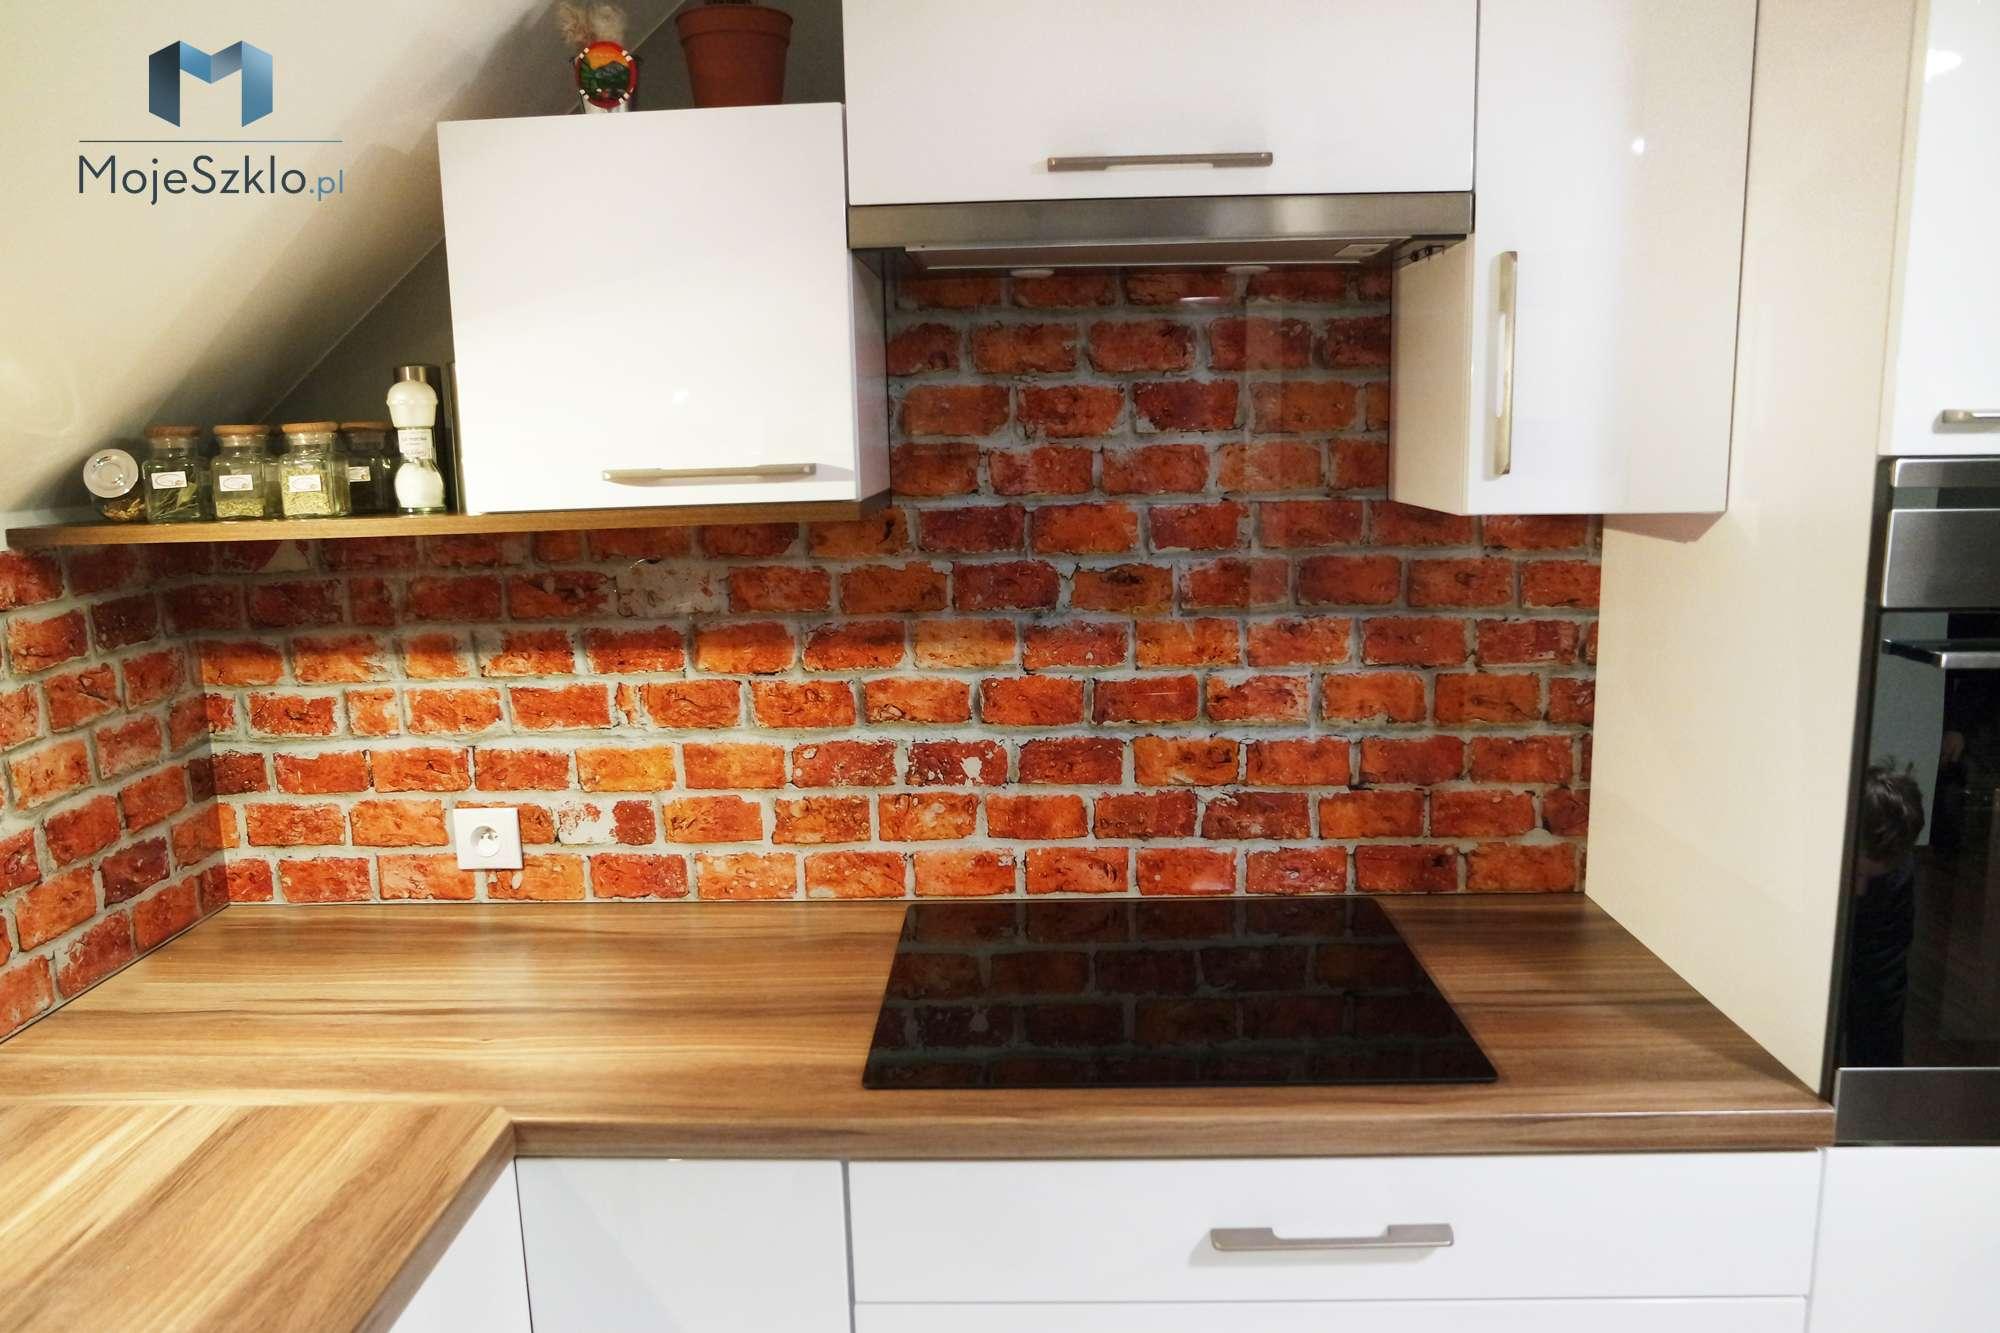 Grafika Do Kuchni Cegly - Szklane panele kuchenne. Najlepsze wzory do kuchni